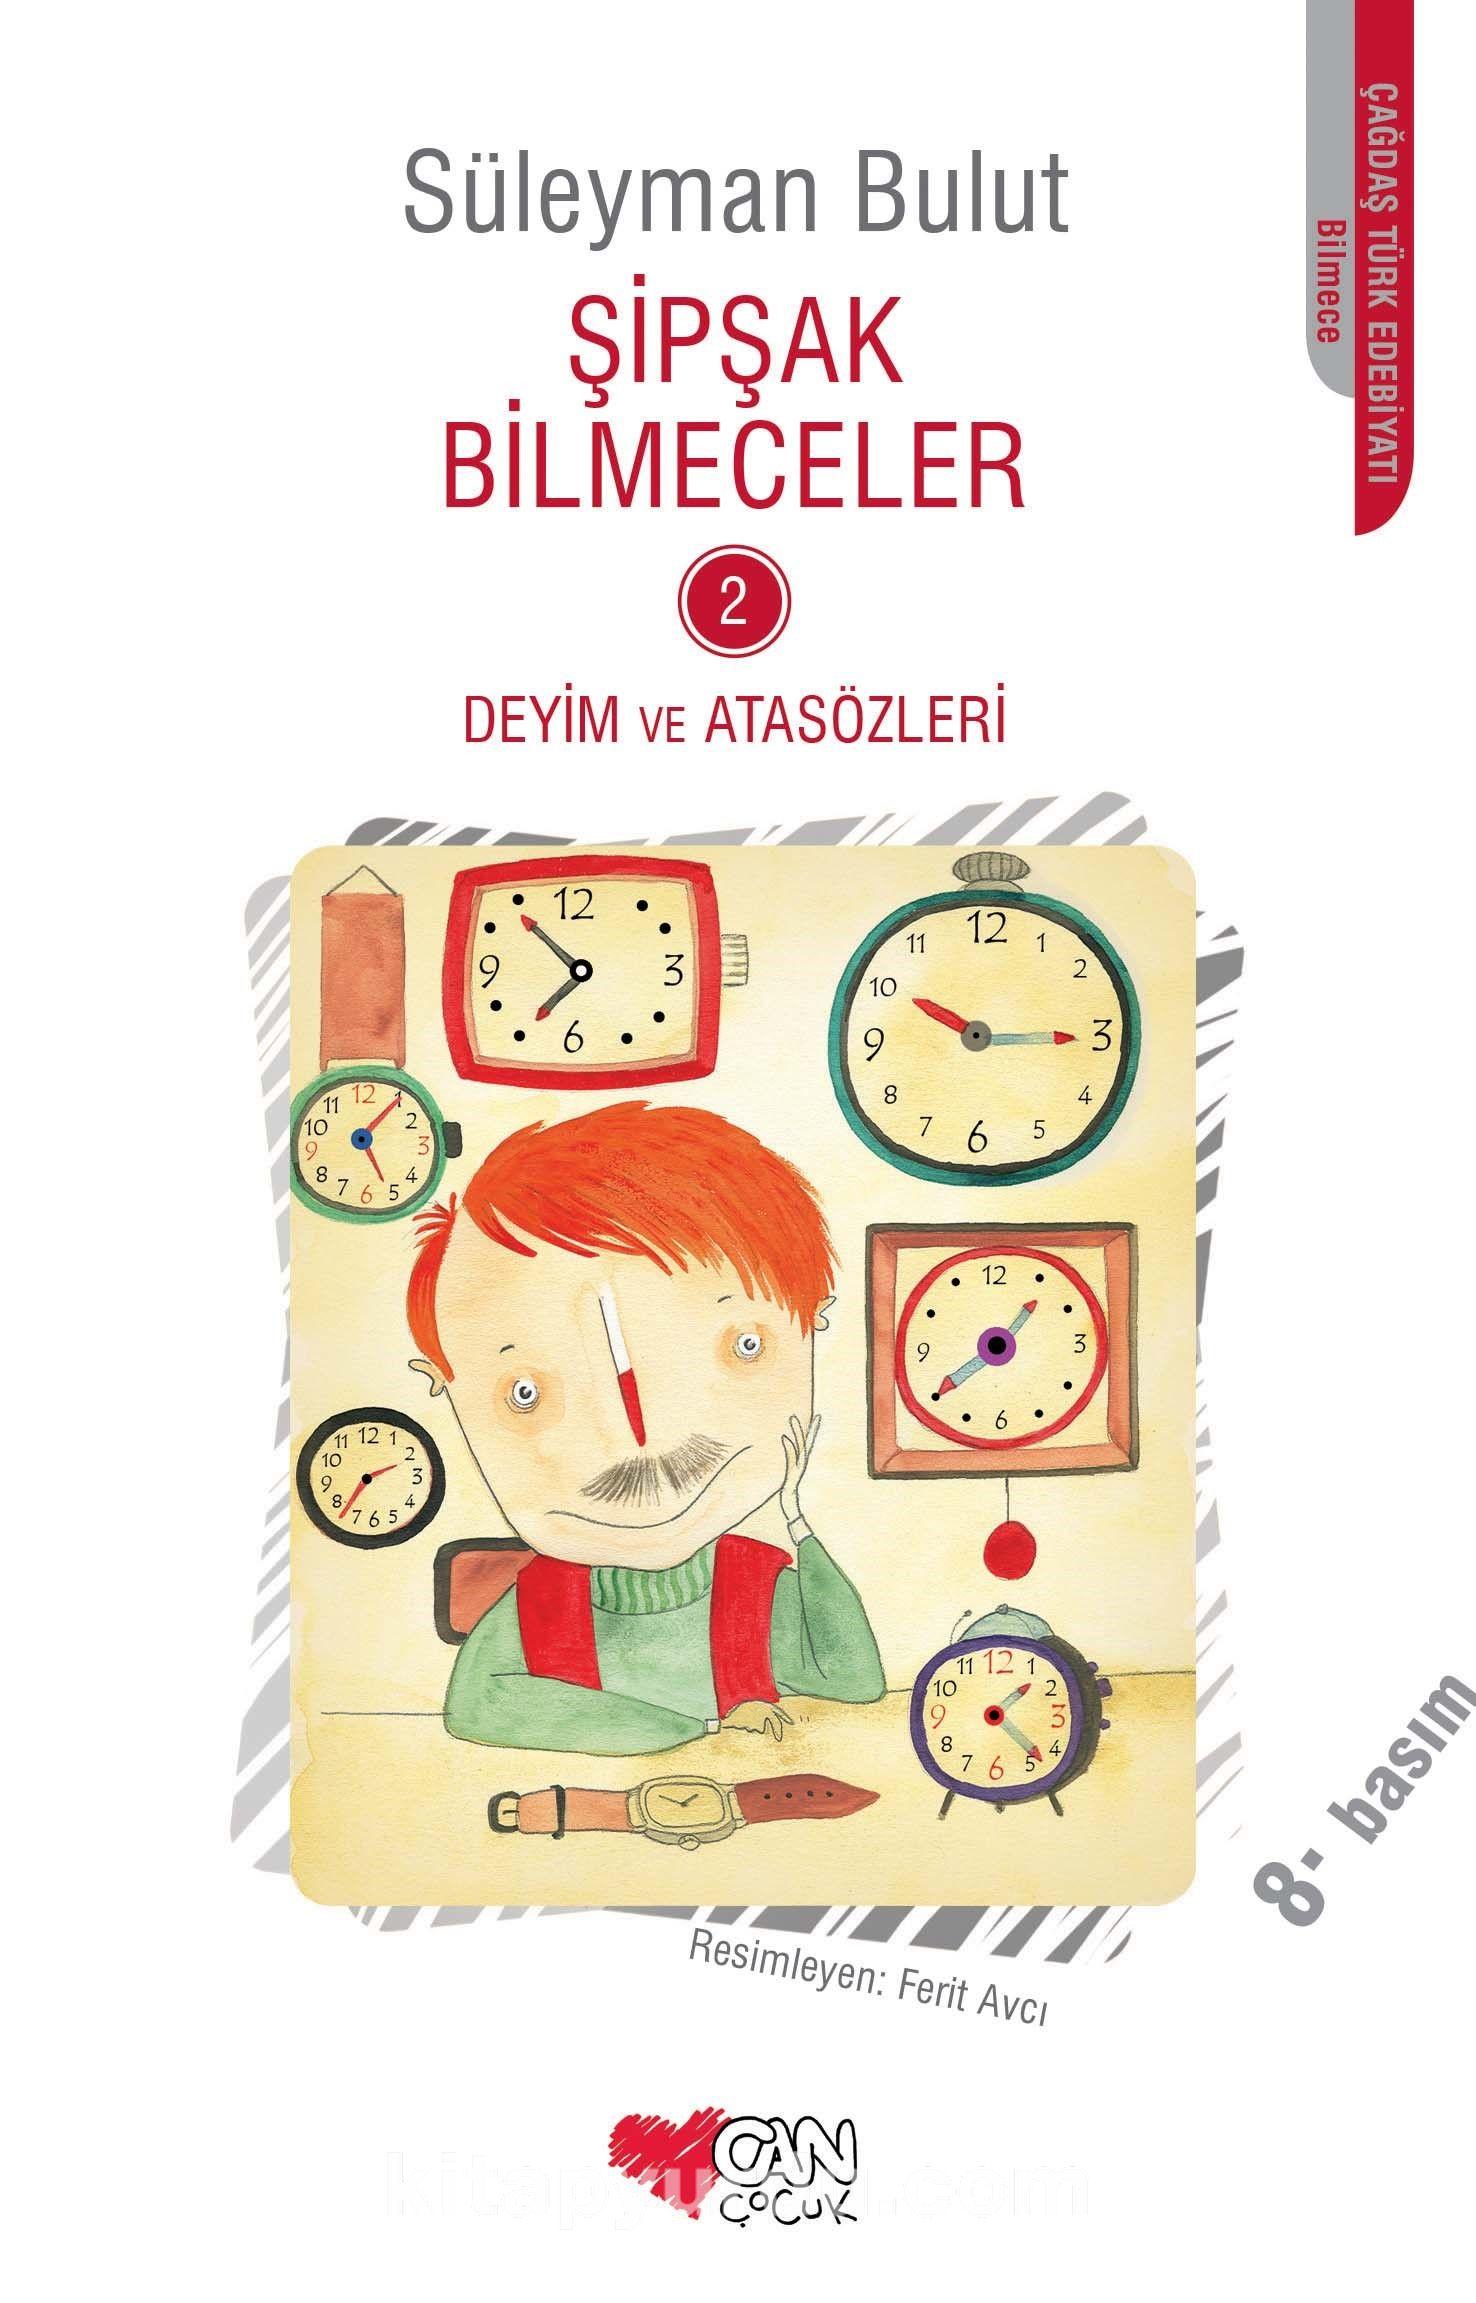 Şipşak Bilmeceler 2 / Deyim ve Atasözleri - Süleyman Bulut pdf epub